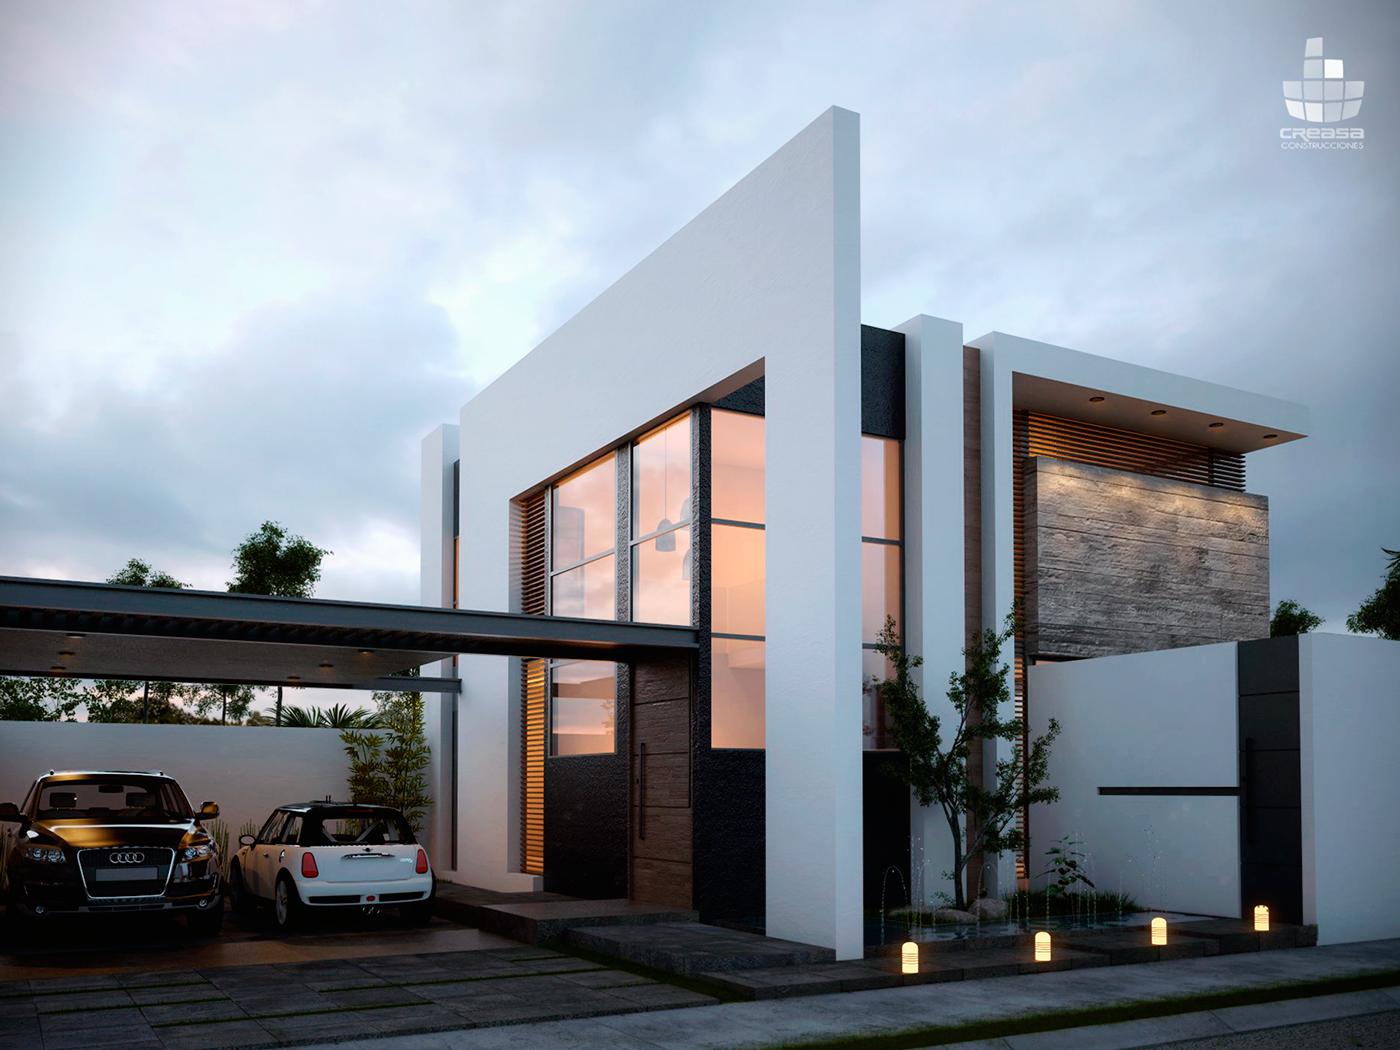 Preza on behance for Pinturas de casas modernas interiores